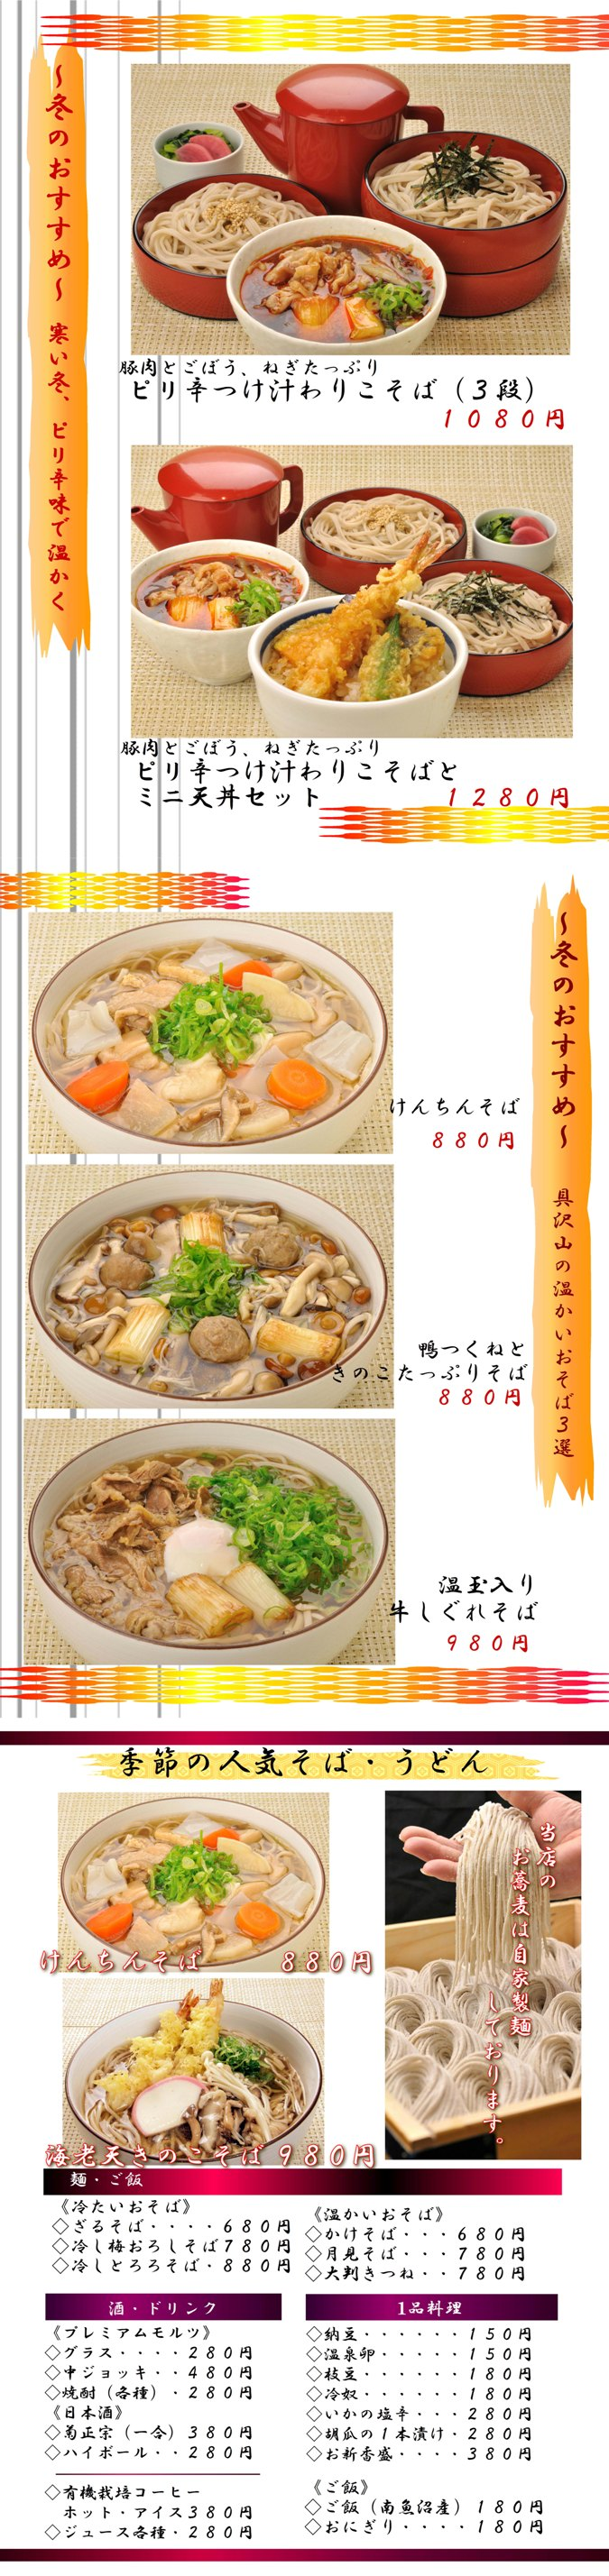 20121201 羽田冬.jpg